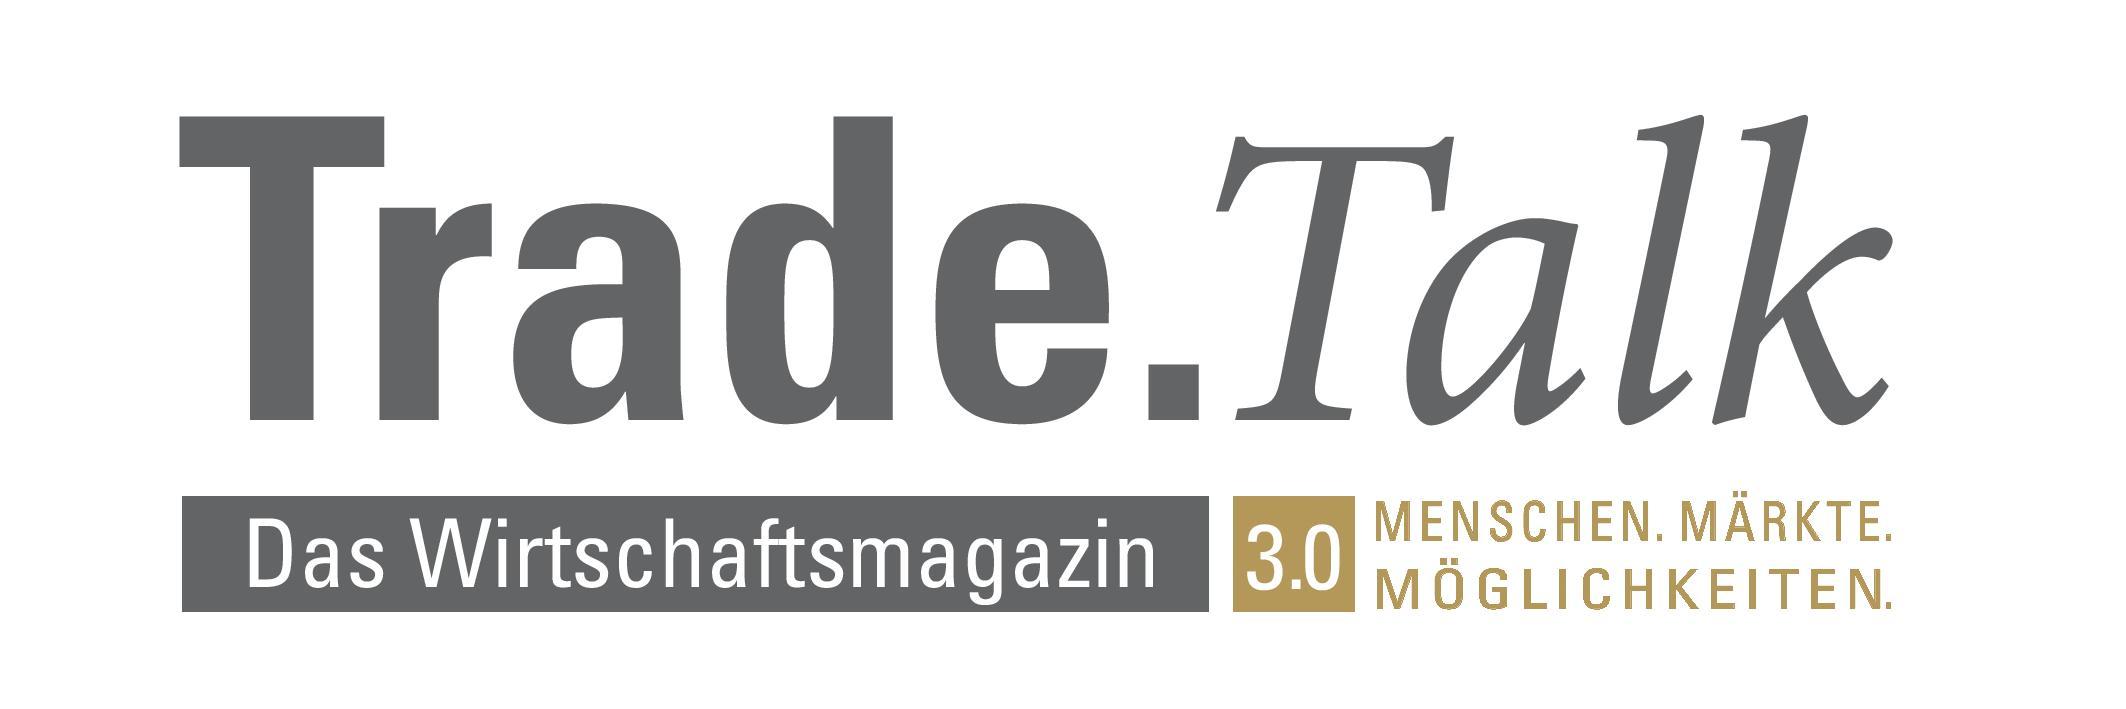 Tradetalk Magazin